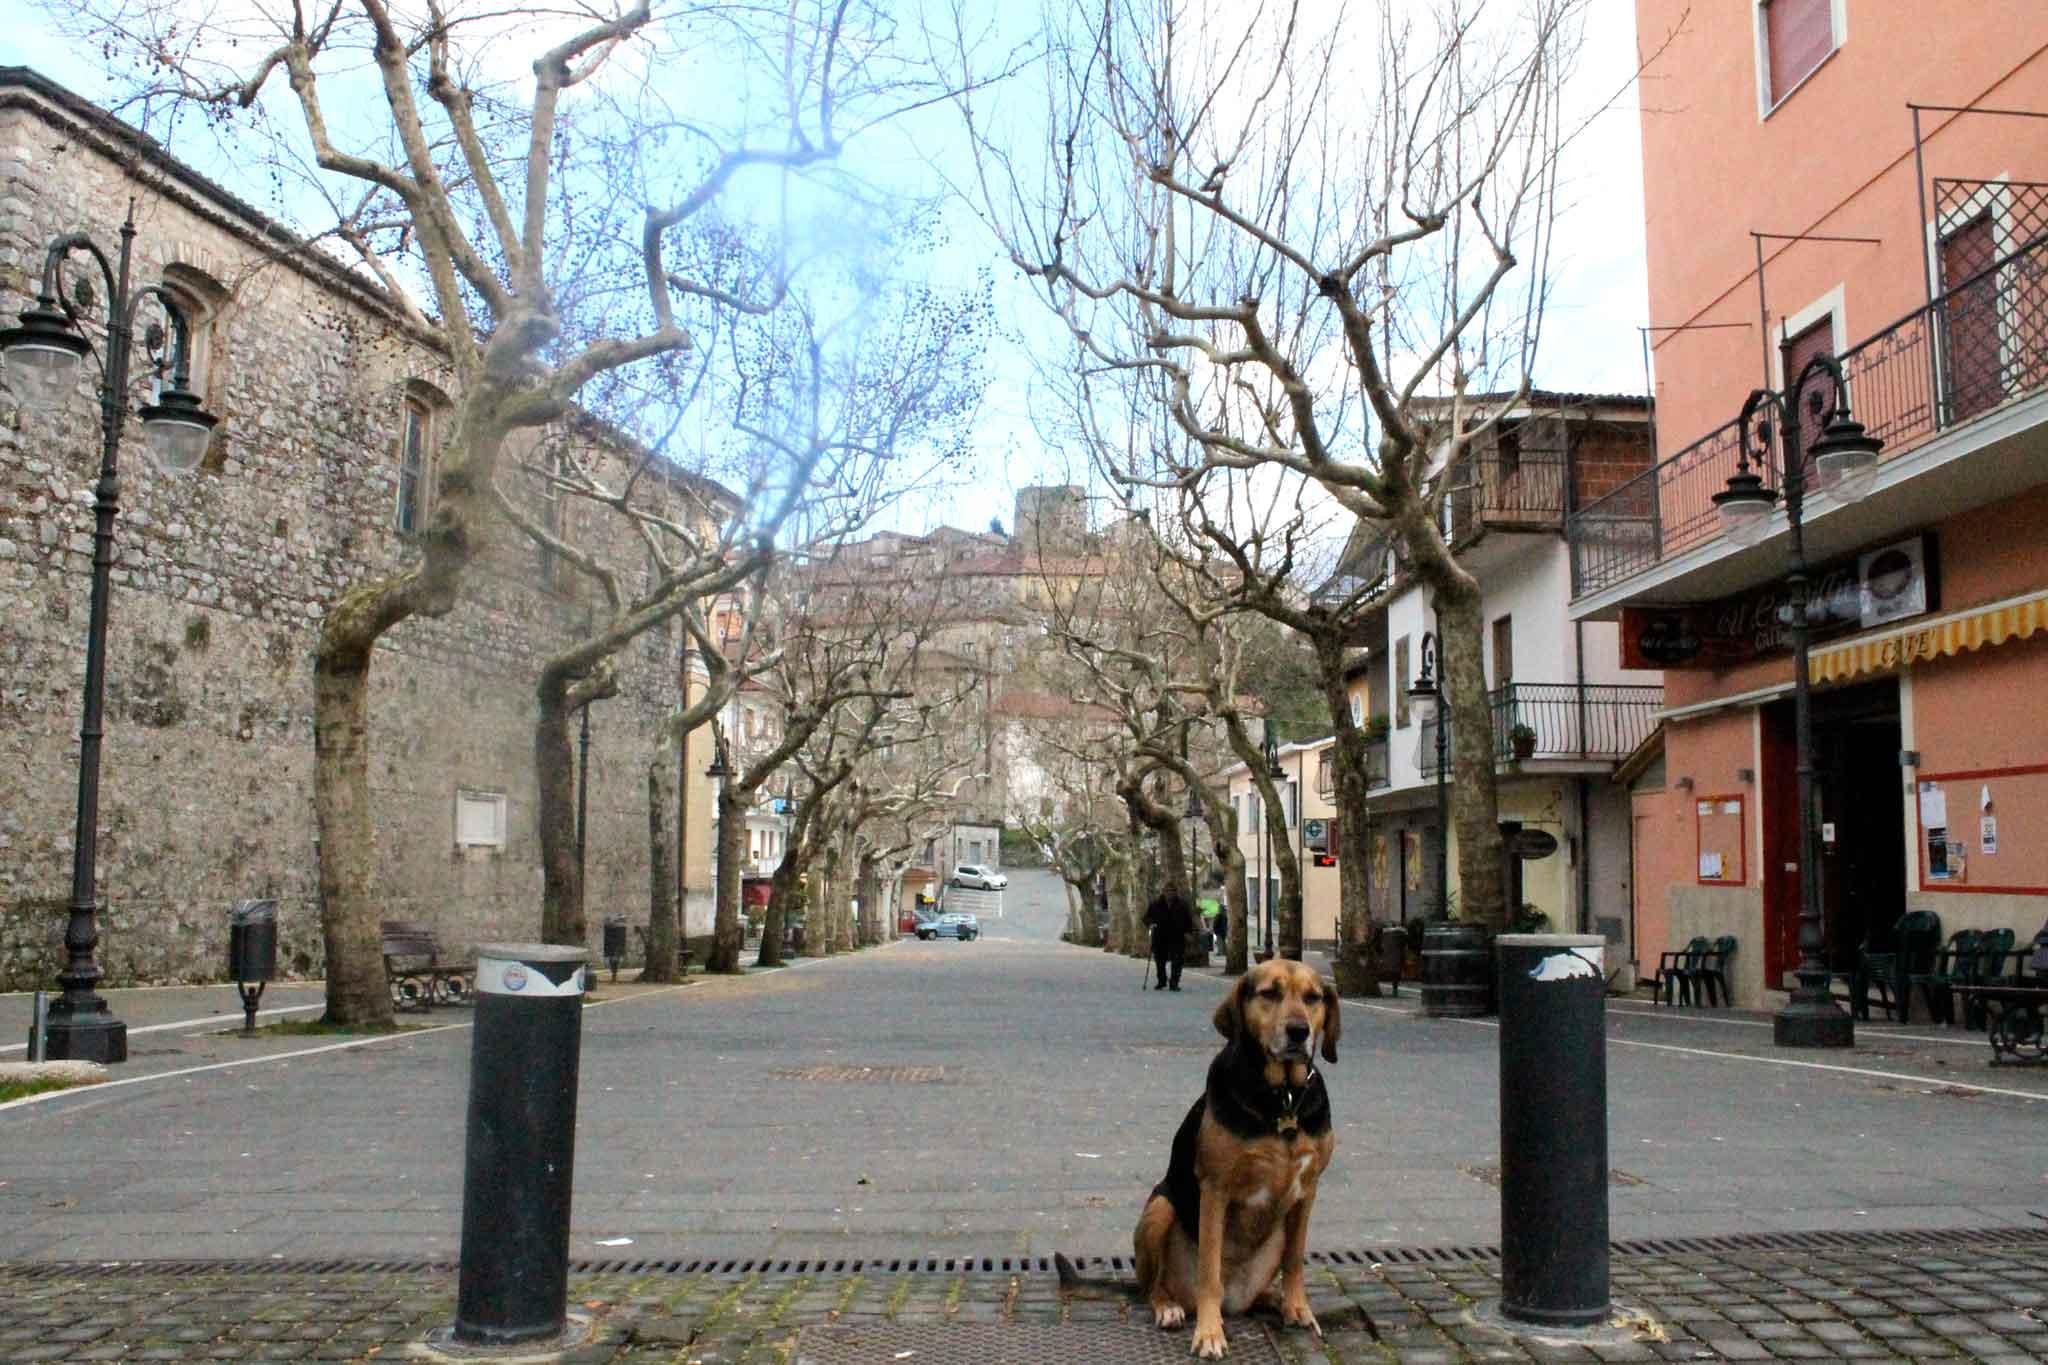 piazza-caselle-in-pittari